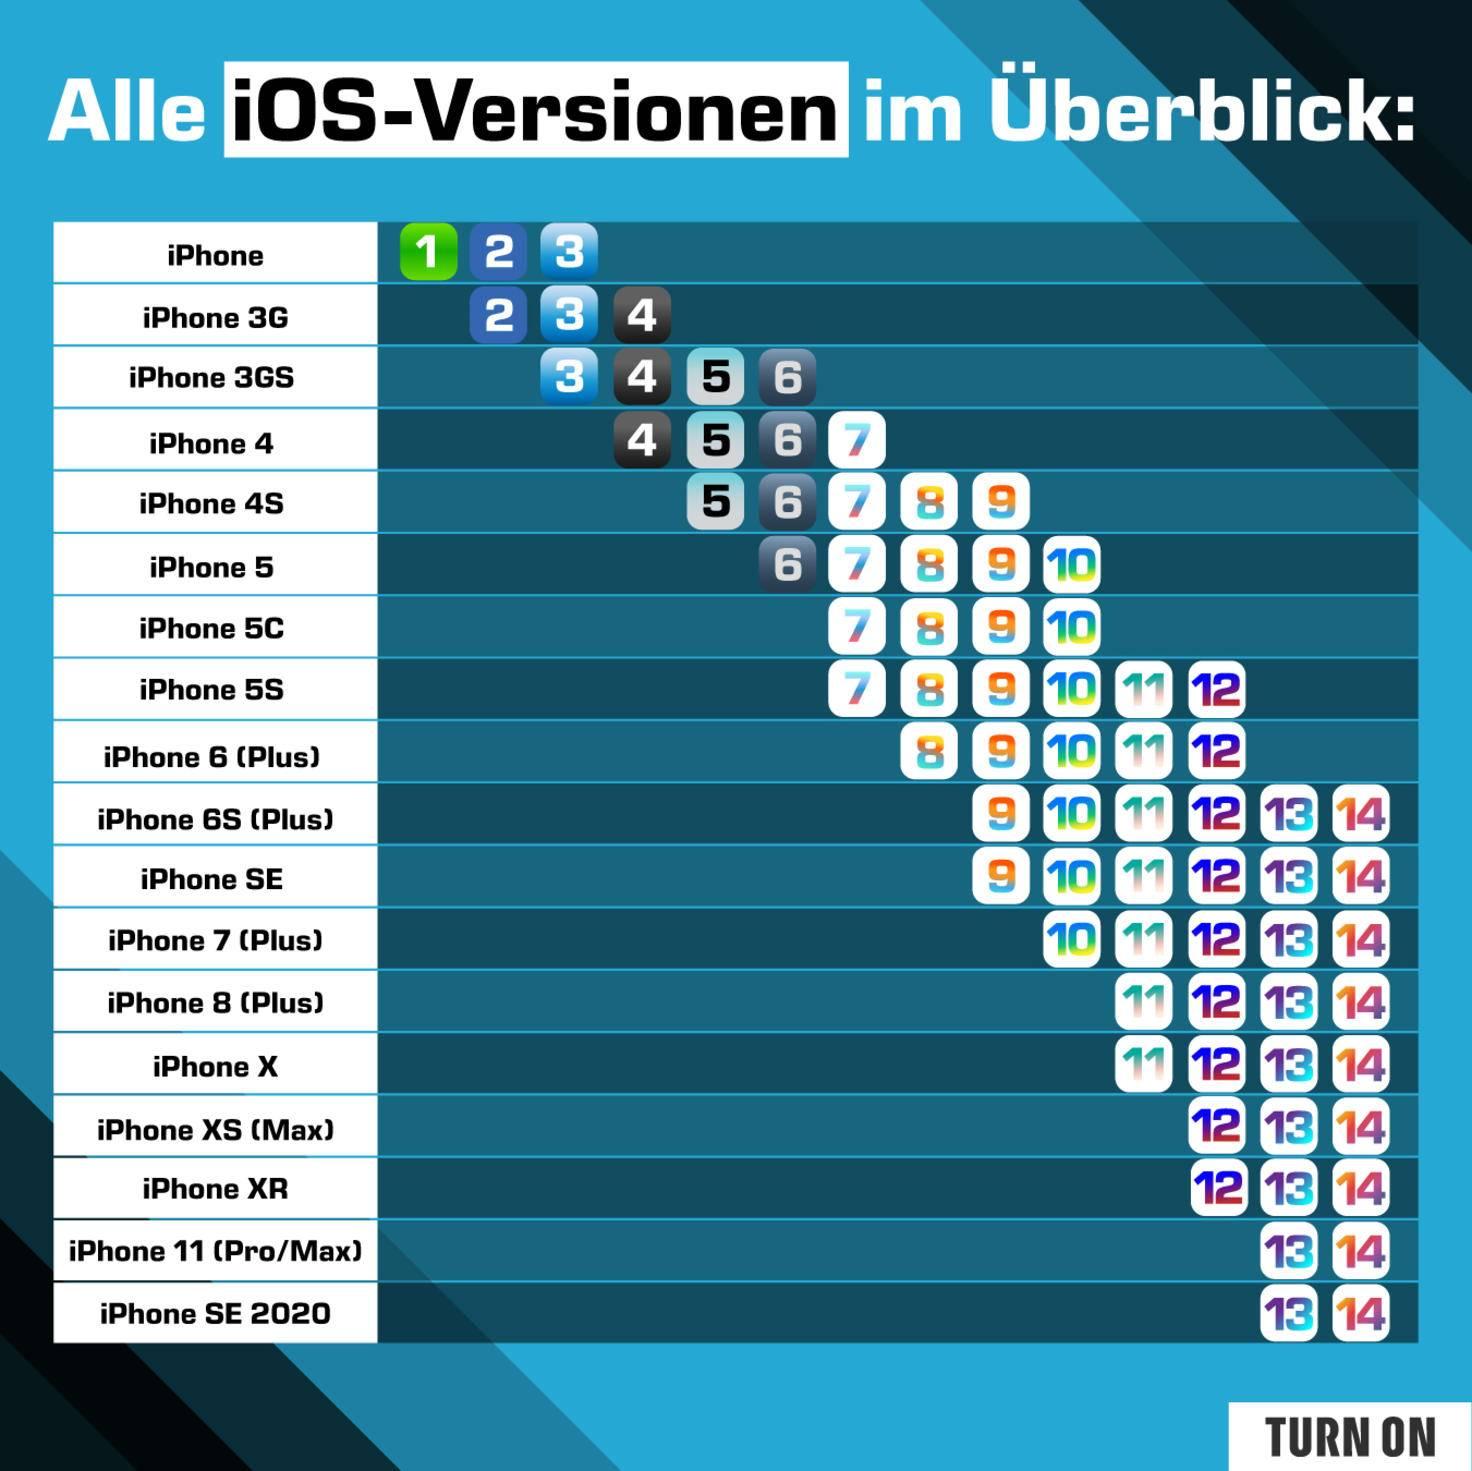 iOS 1 to iOS 14